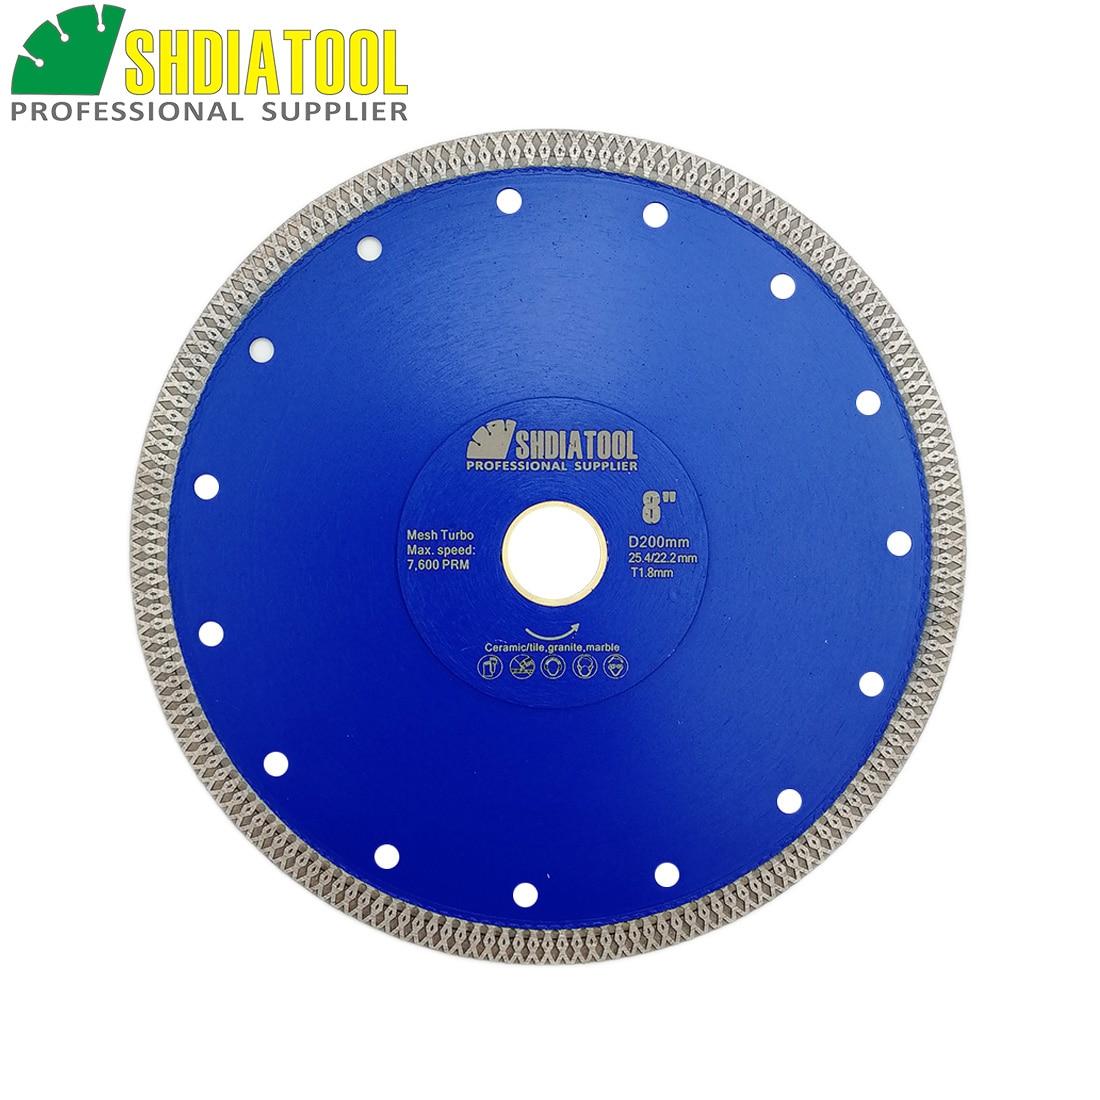 """SHDIATOOL 1 шт . диаметр 8 """" /200 мм горячего прессования спеченные X Сетки Turbo Алмазные пилы круглое колесо мраморная плитка керамический режущий ..."""